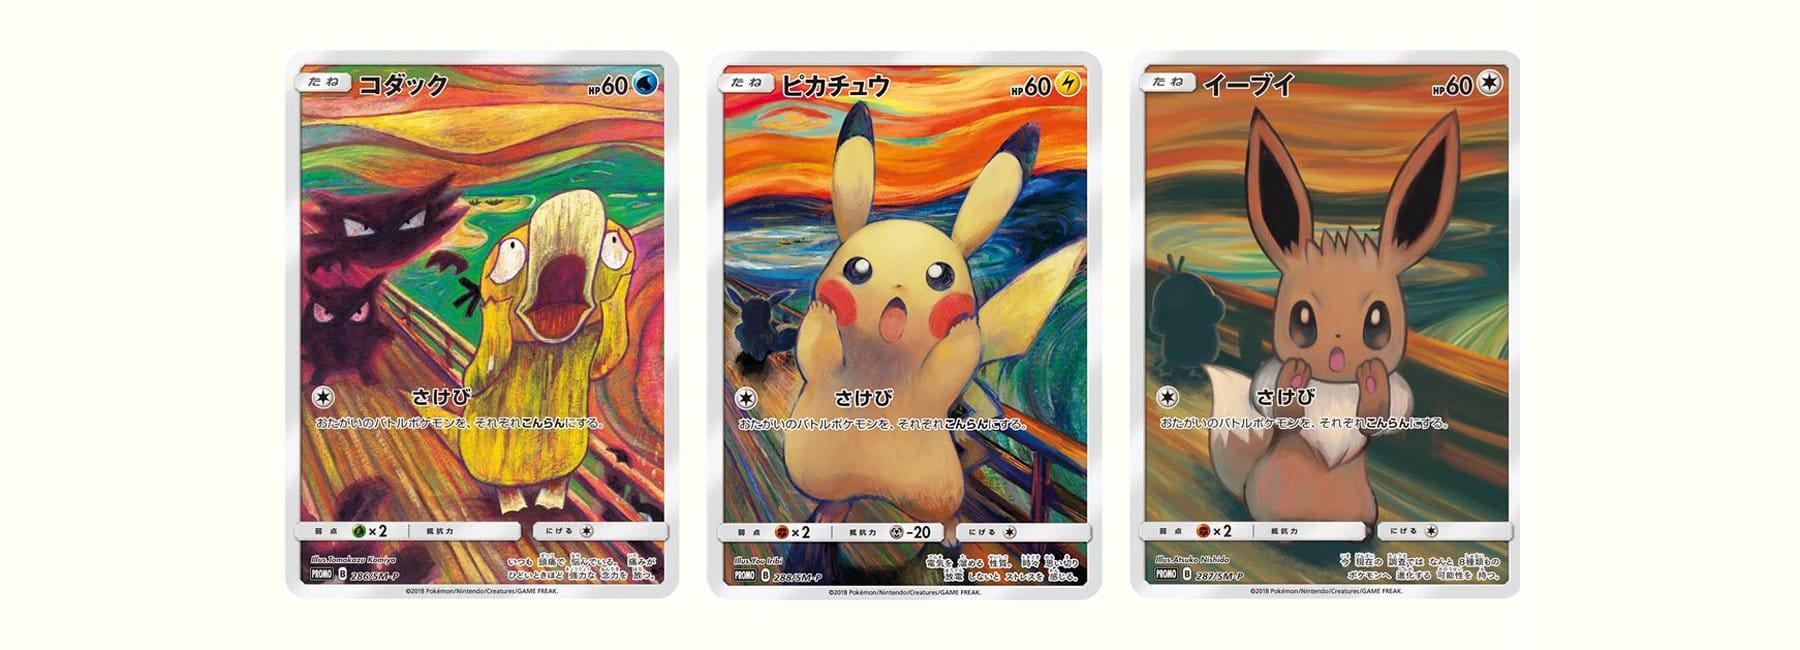 Pokémon: Monster treffen auf Edvard Munch